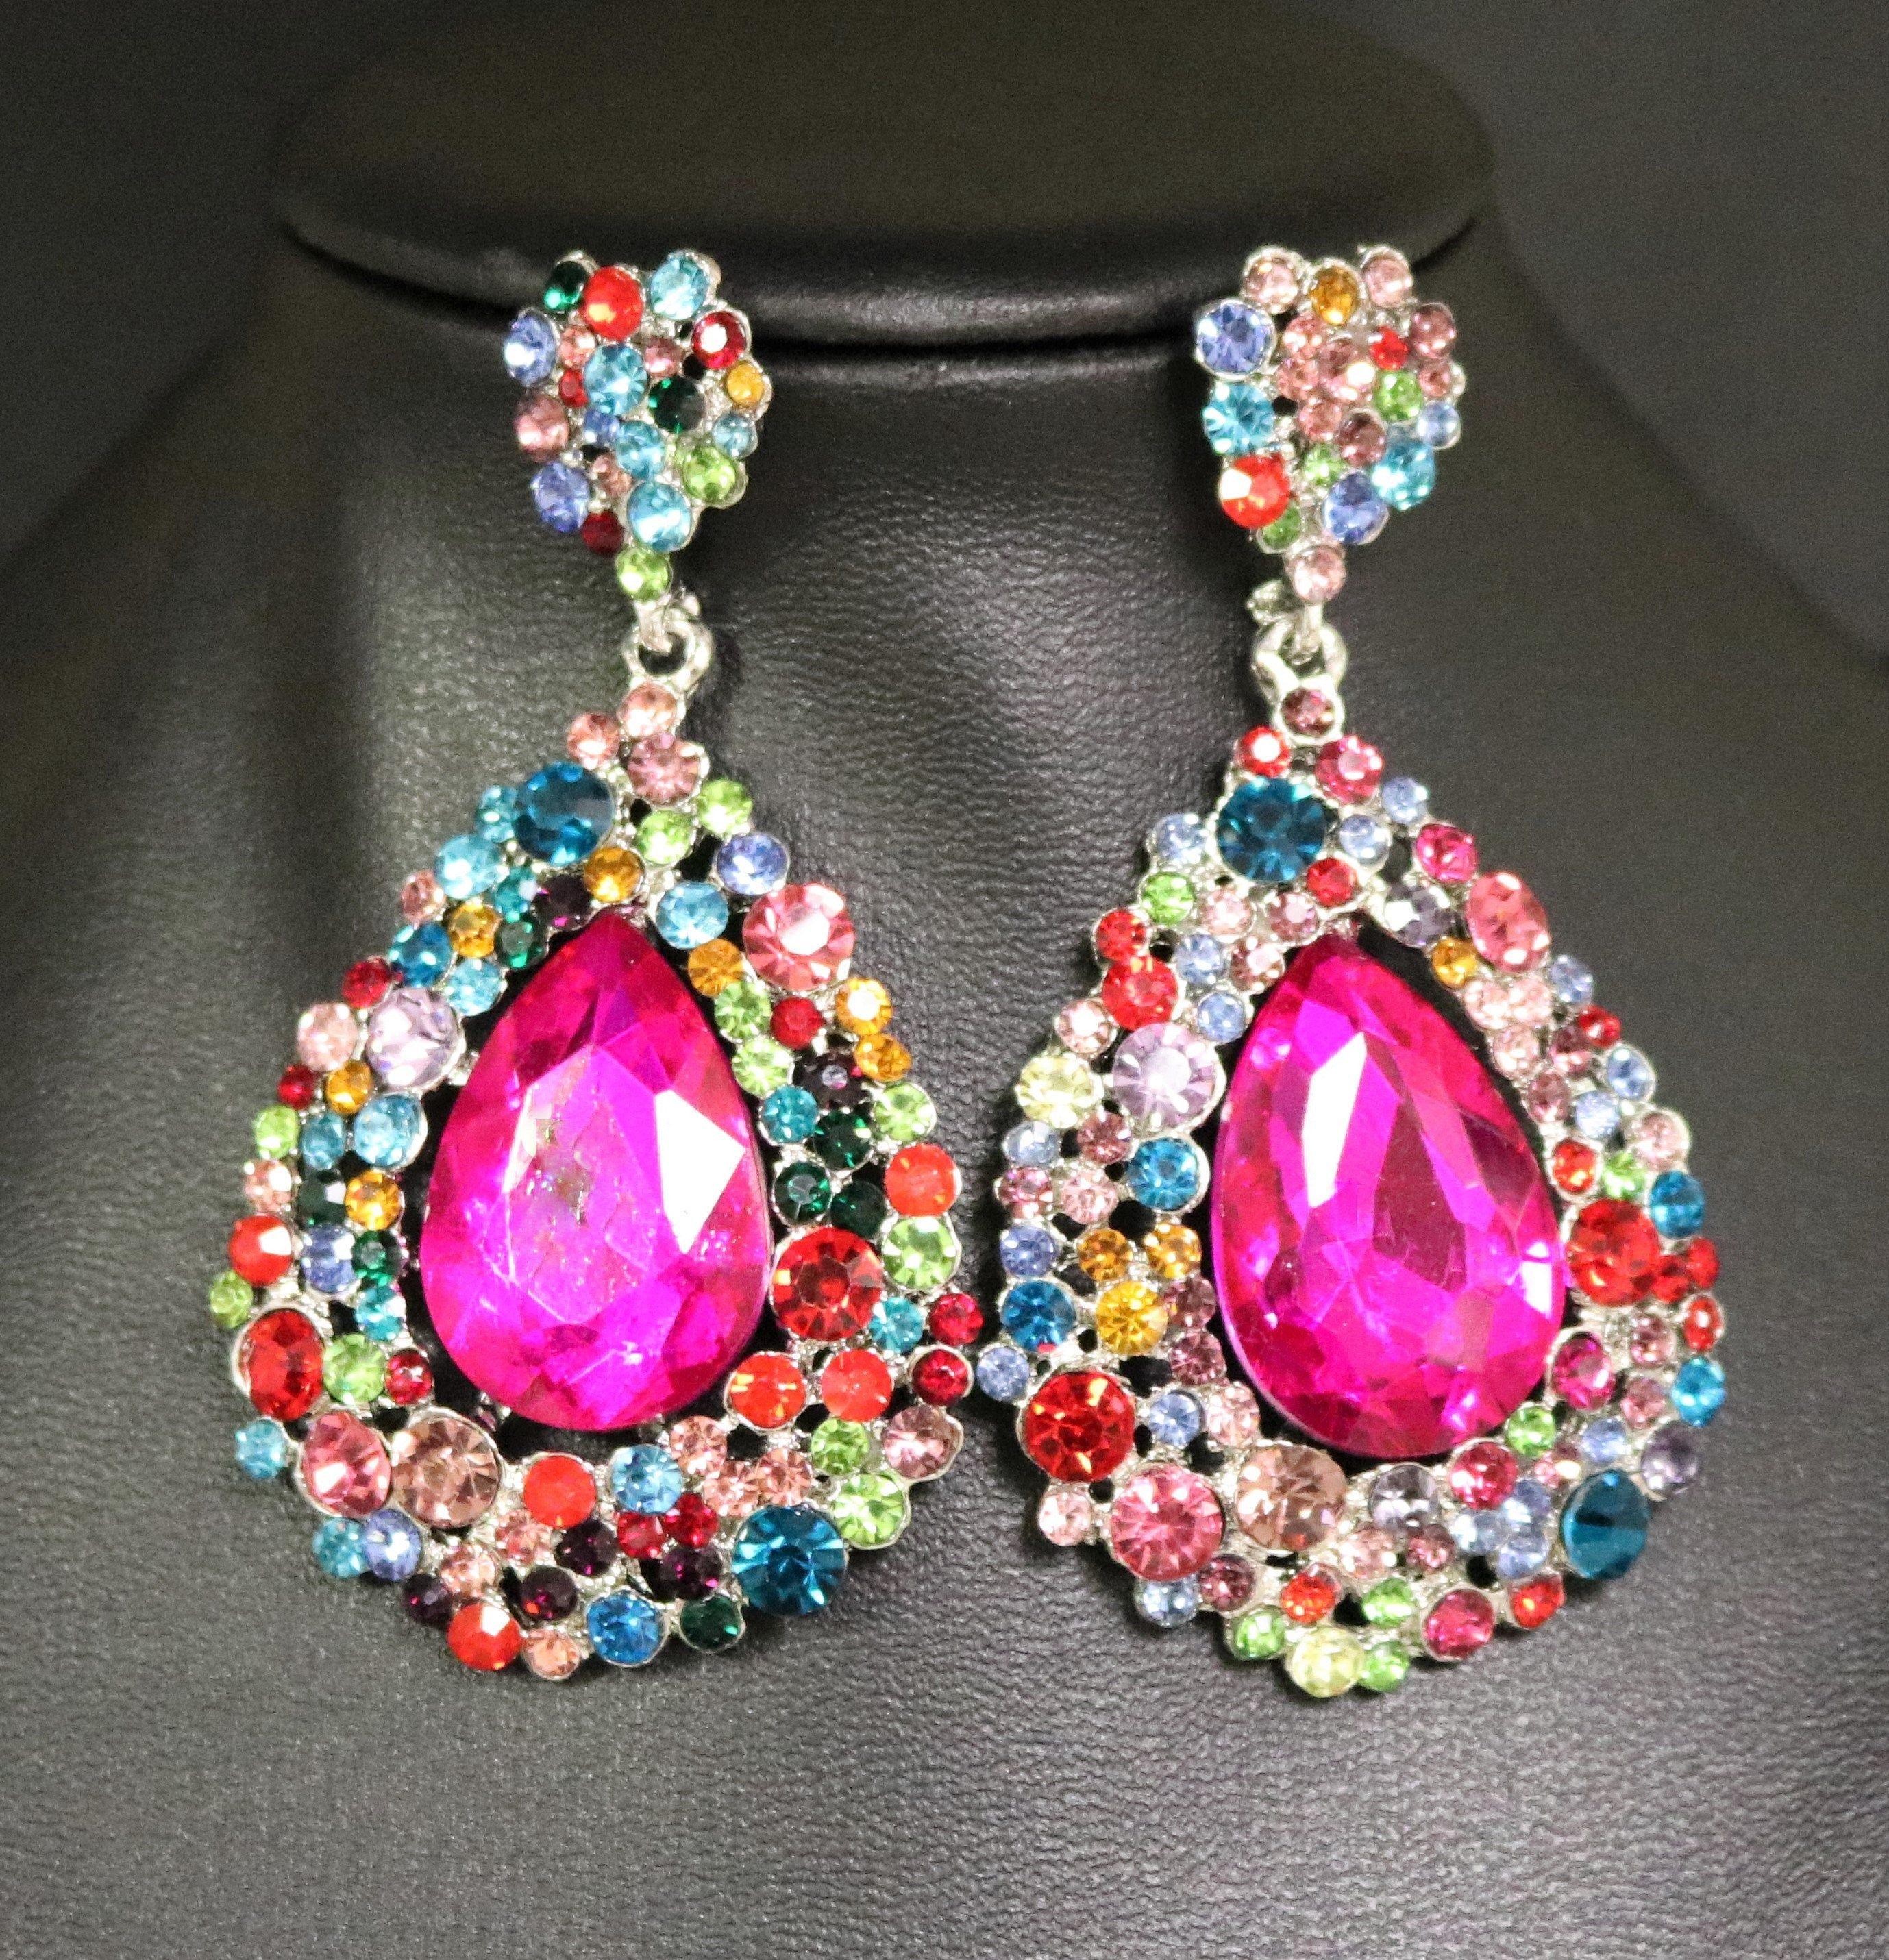 Pink Pageant Earrings Pink  Rhinestone Earrings Light Pink AB Round Chandelier Earrings Light Pink Prom Earrings Long Pink Earrings